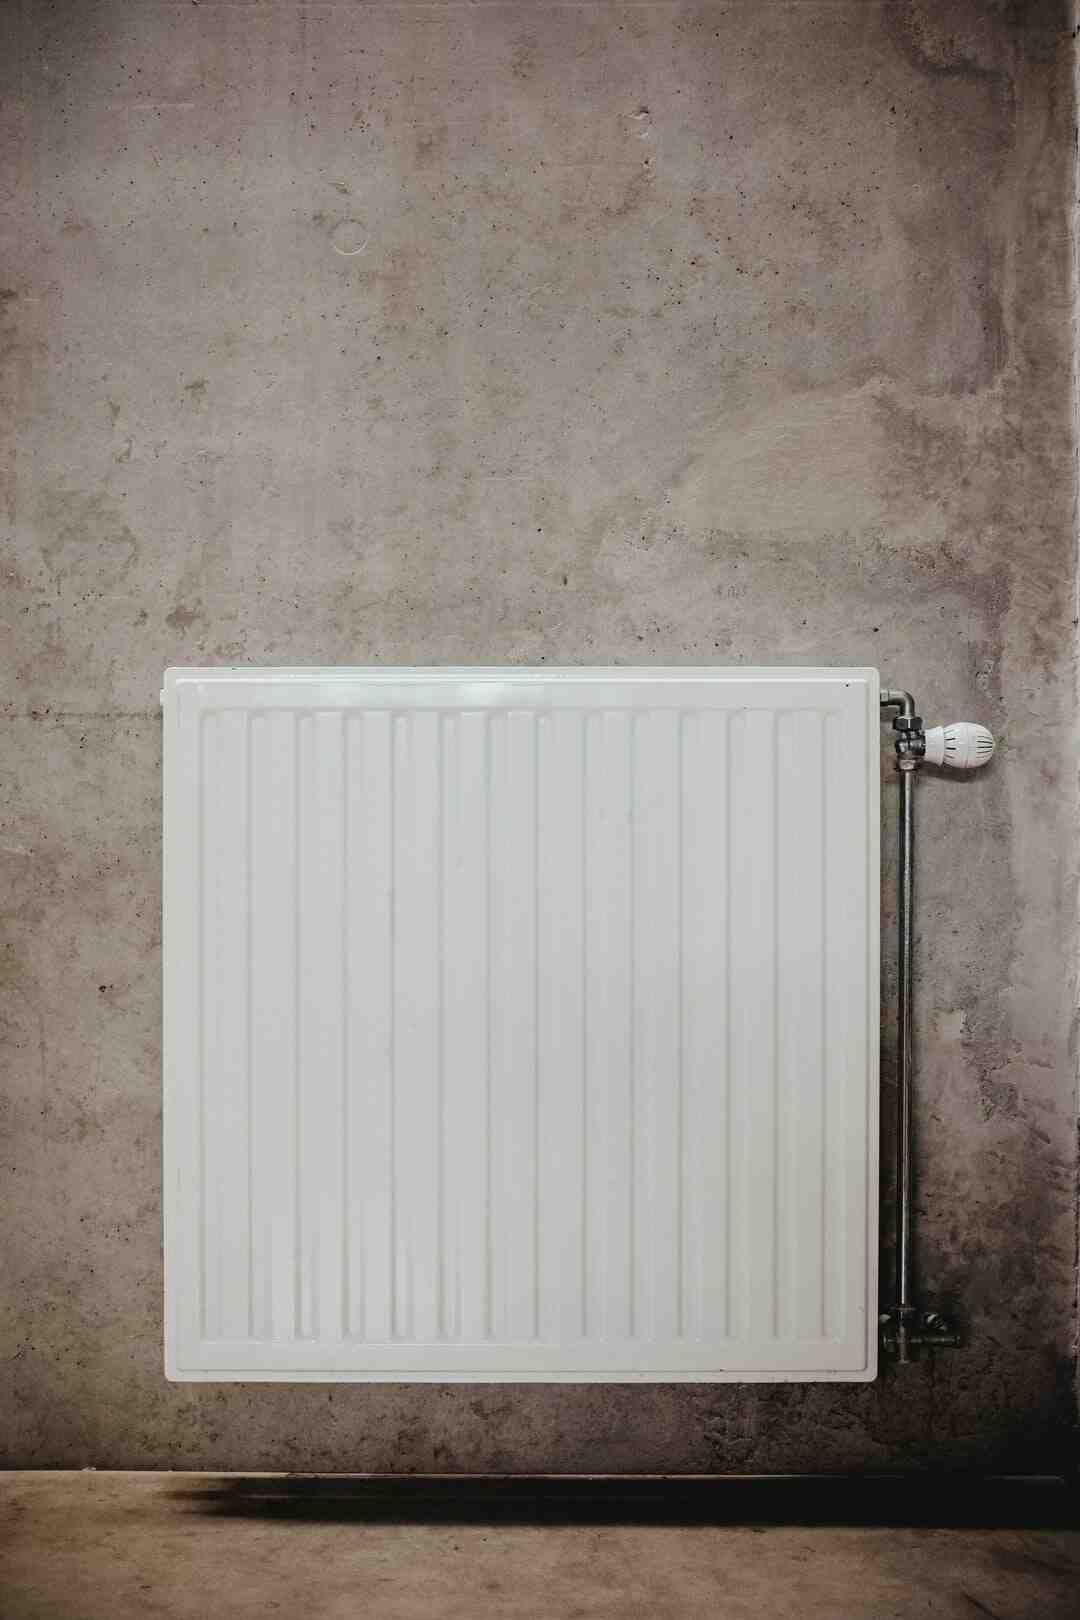 Comment nettoyer radiateur